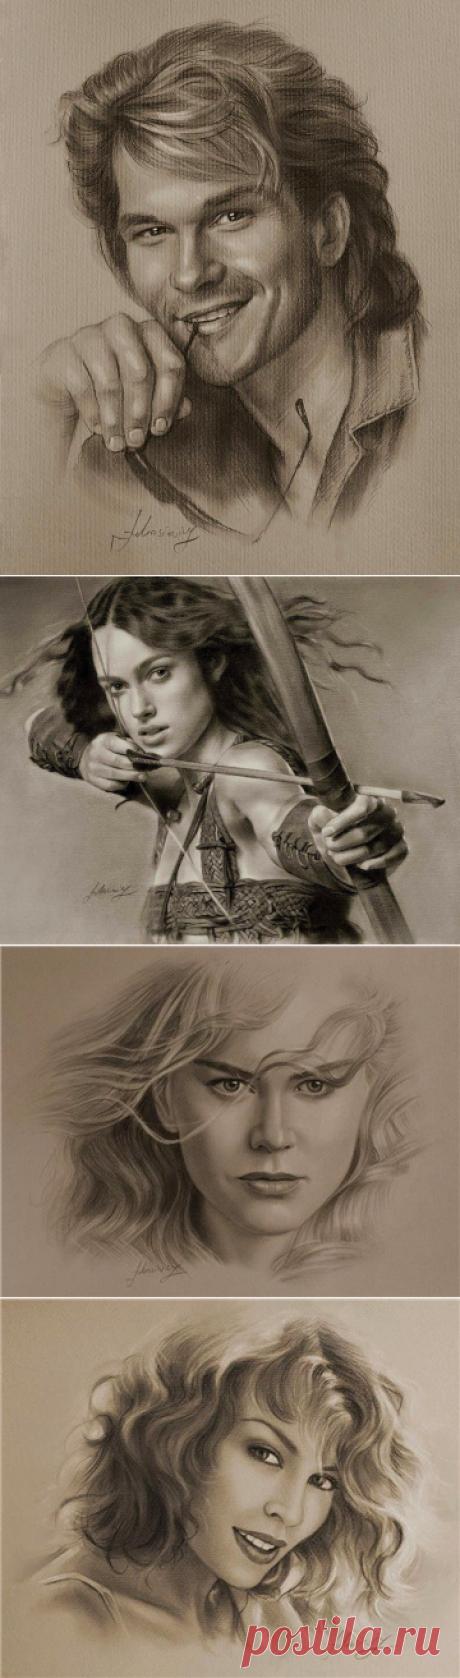 Карандашные рисунки знаменитостей польского художника Кшиштофа Люкашевича